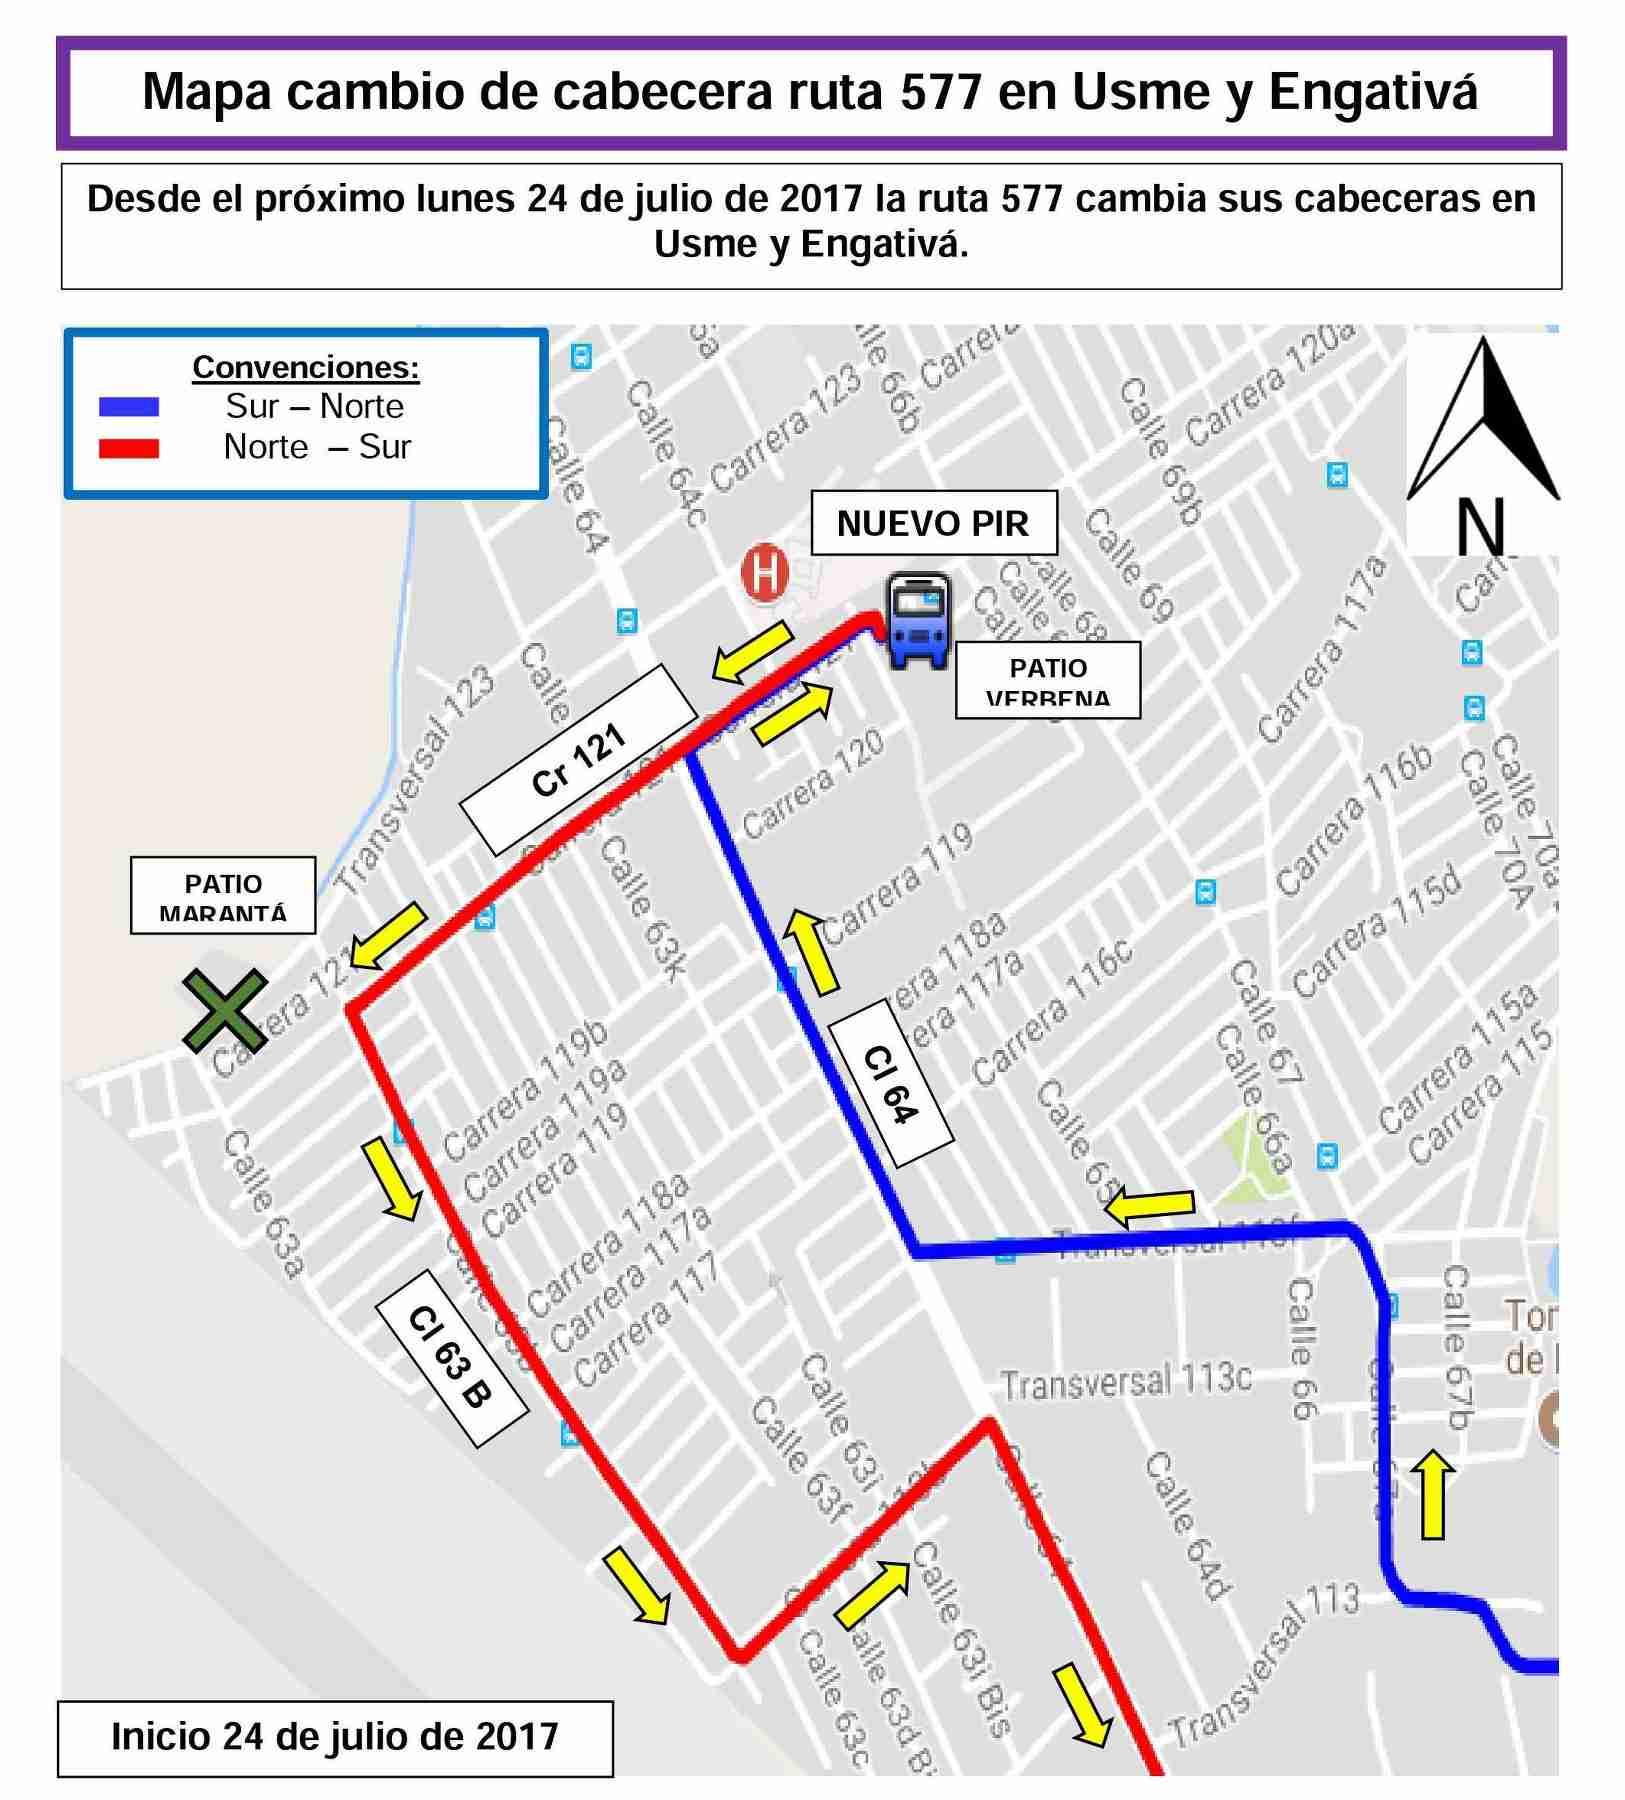 Cambios en la ruta 577 informados por Tranzit (2)